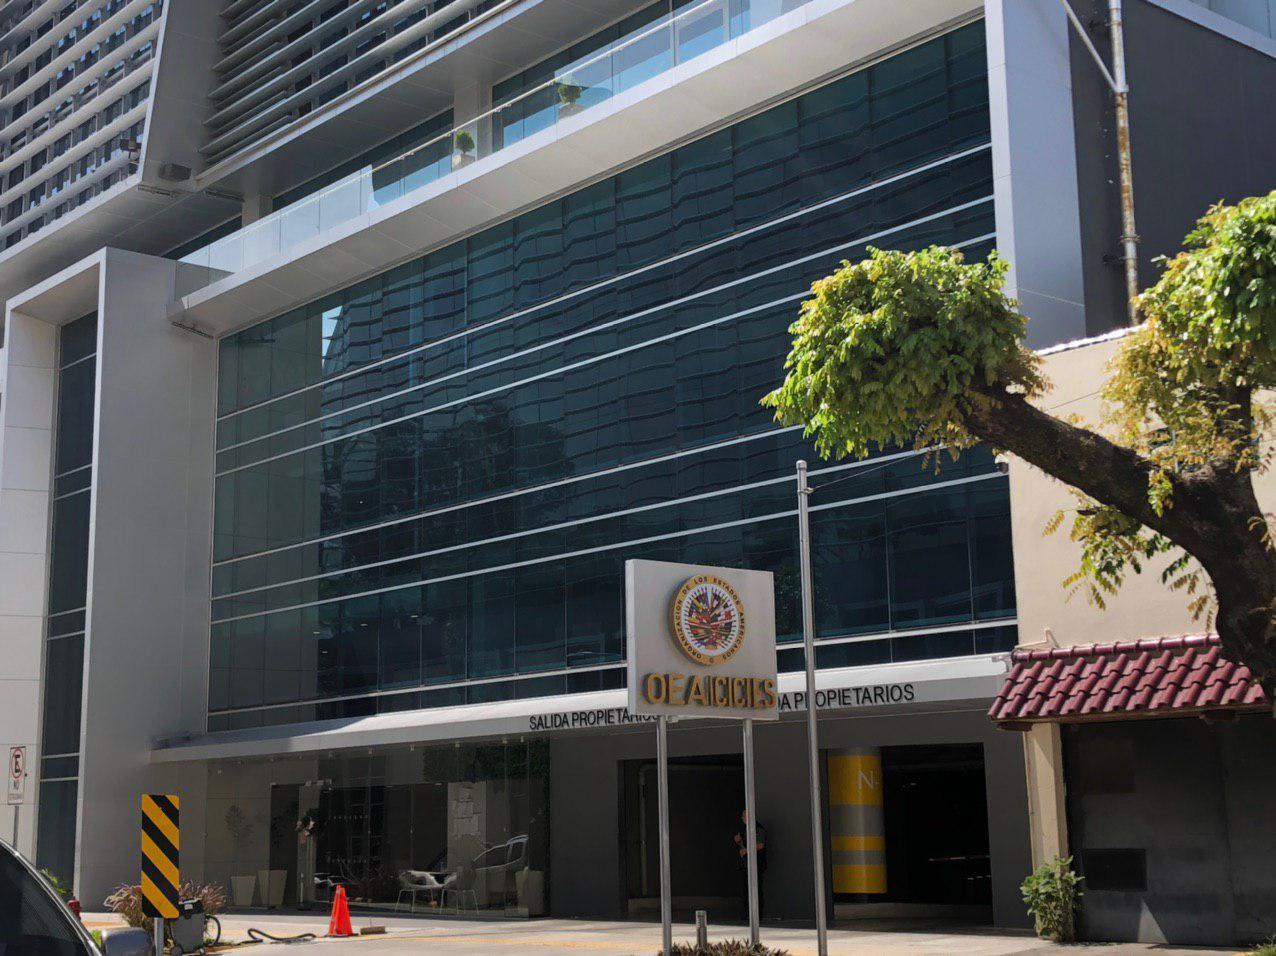 Fachada del Edificio Insigne, en la colonia San Benito, de San Salvador donde está alojada la misión técnica de la OEA. Foto: Gabriel Labrador / El Faro